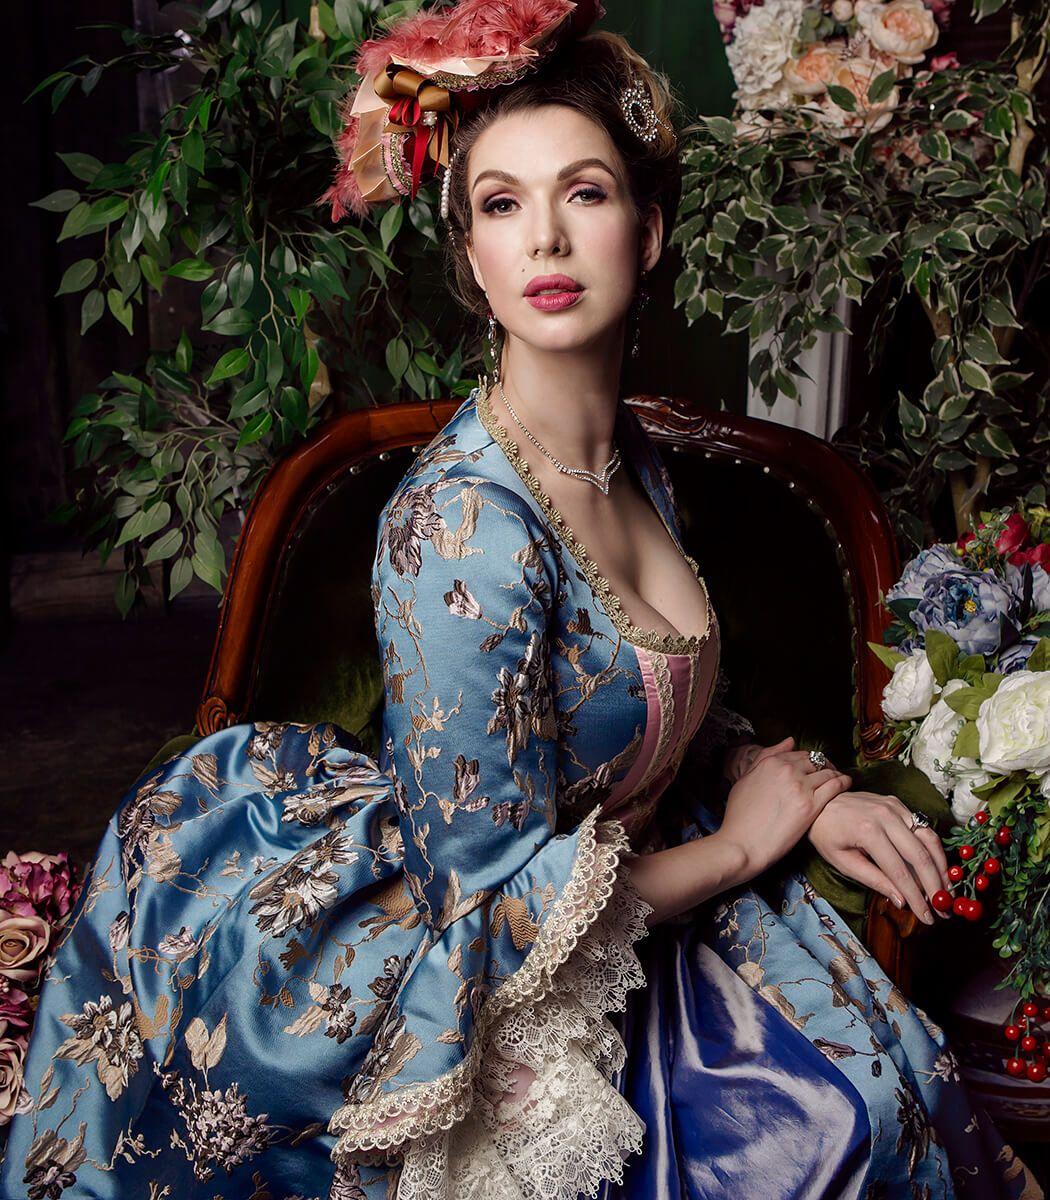 фото фотосессия в исторических костюмах москва вкусный